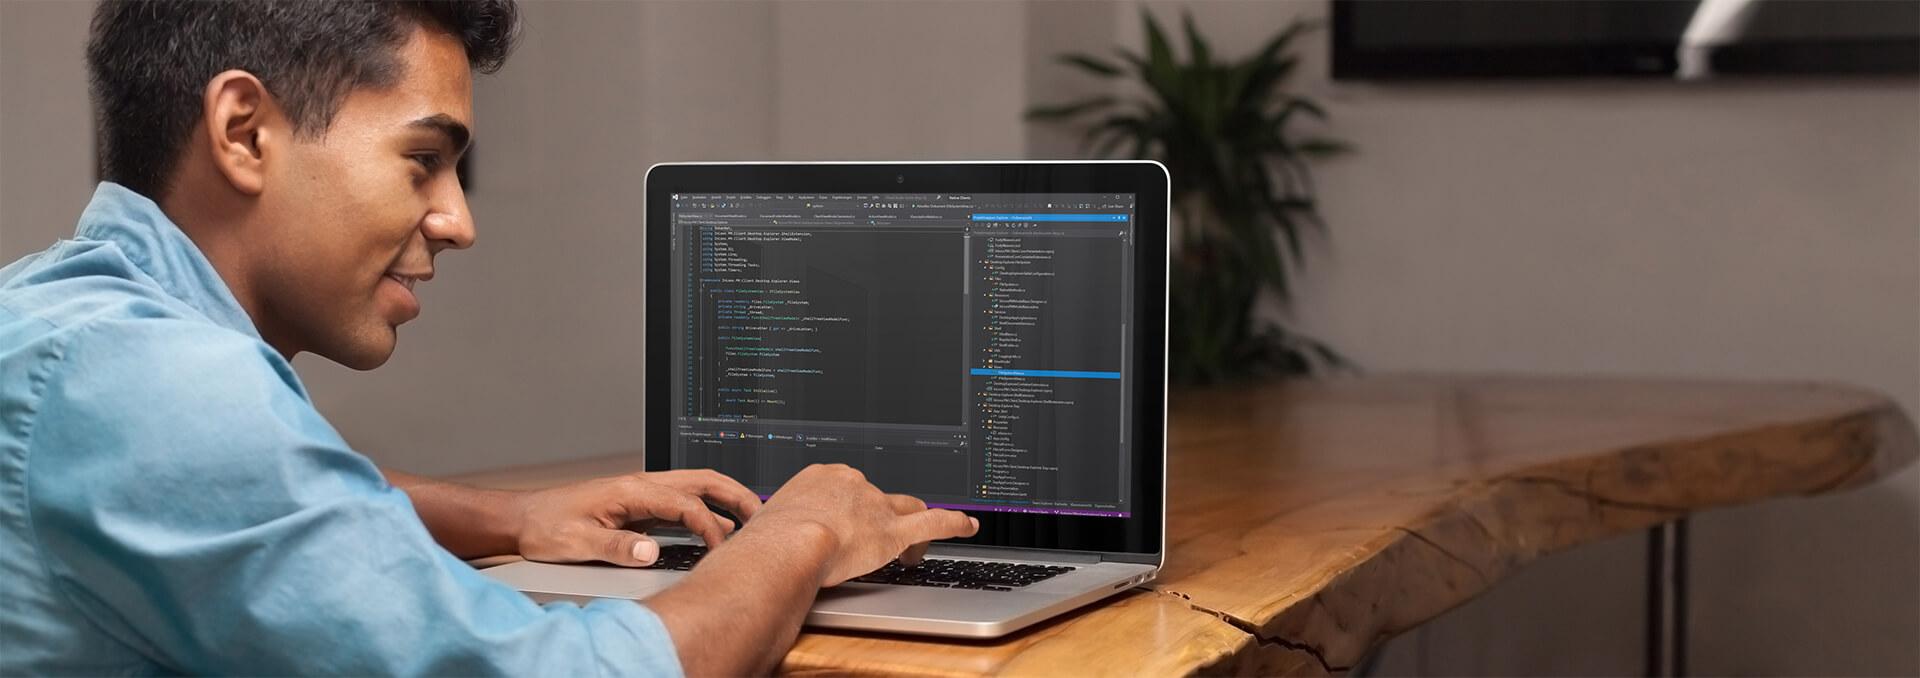 Fang' bei InLoox als C# / .Net-Entwickler an!